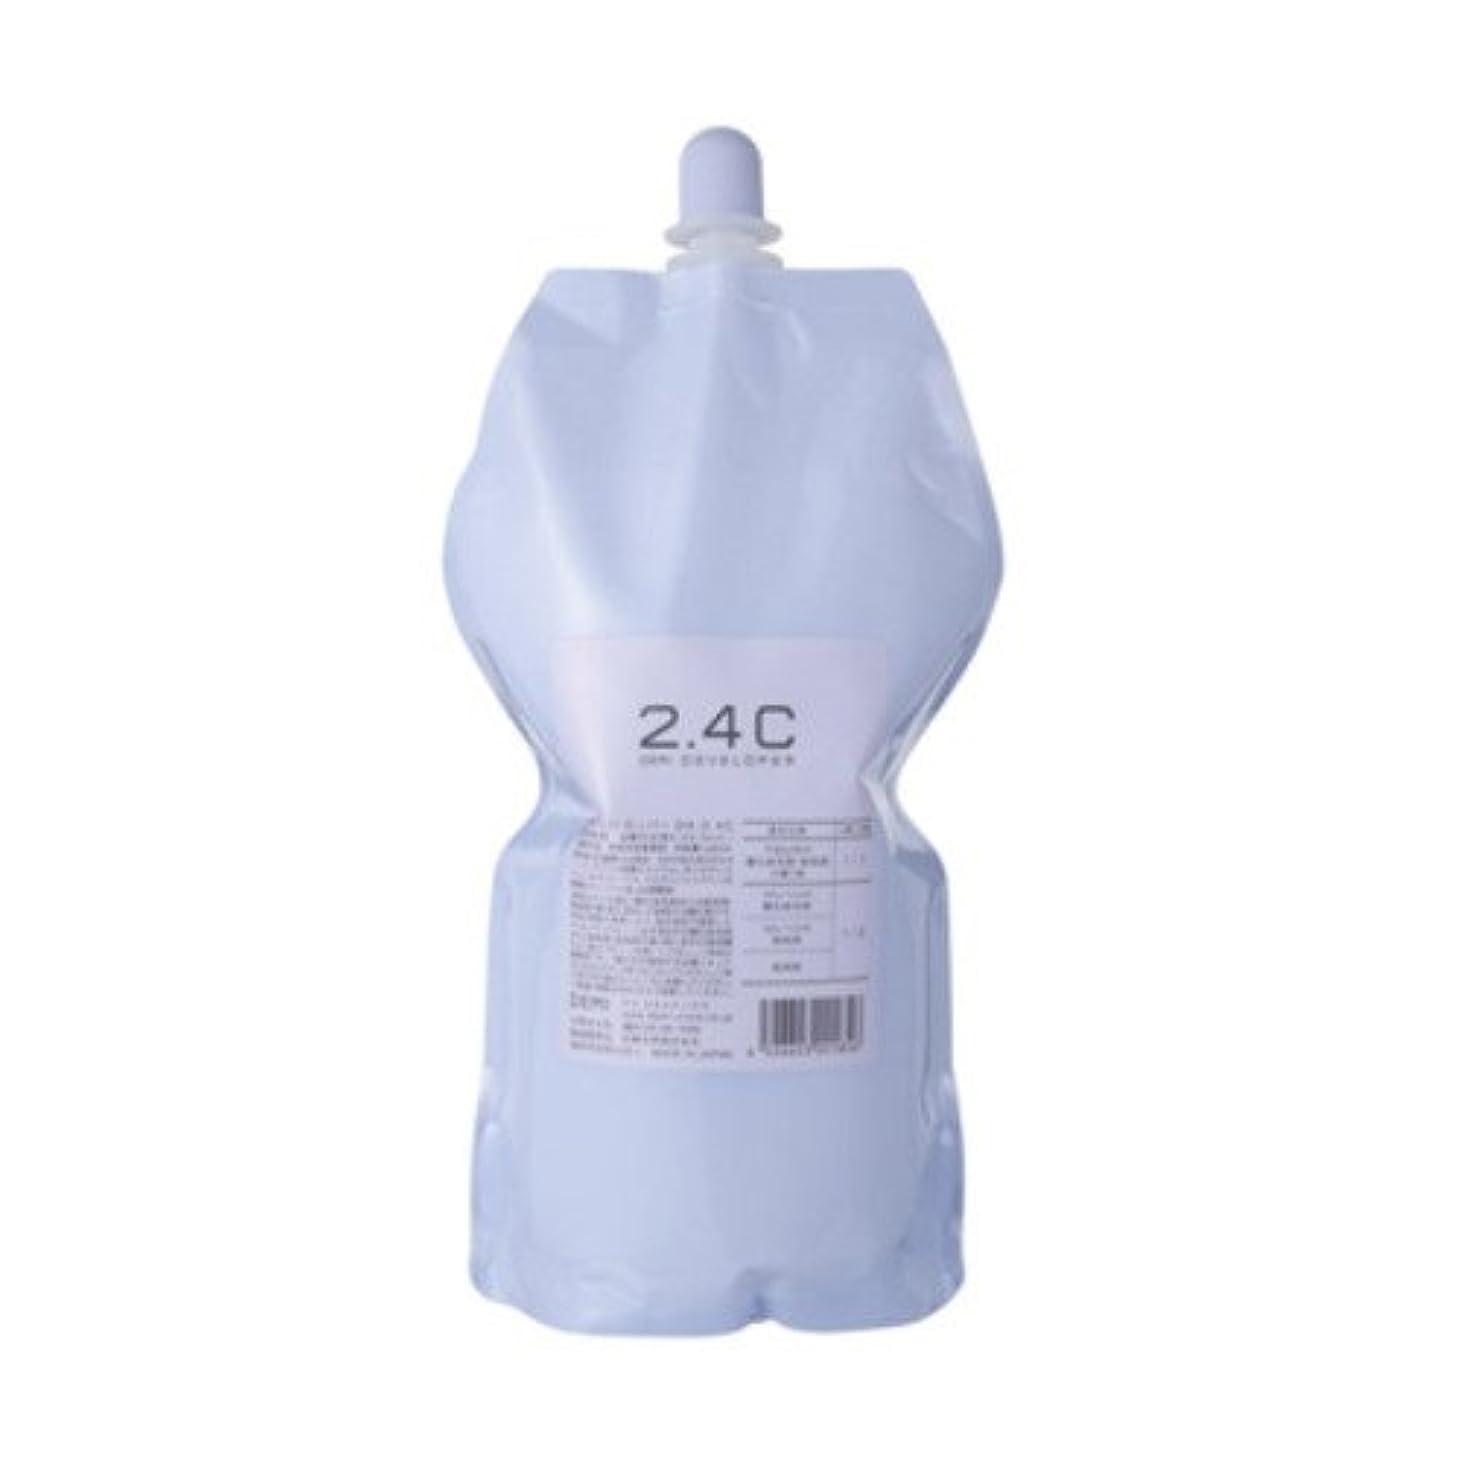 影響を受けやすいですスカーフできるデミ ディベロッパー オキシ 2.4%(2剤)